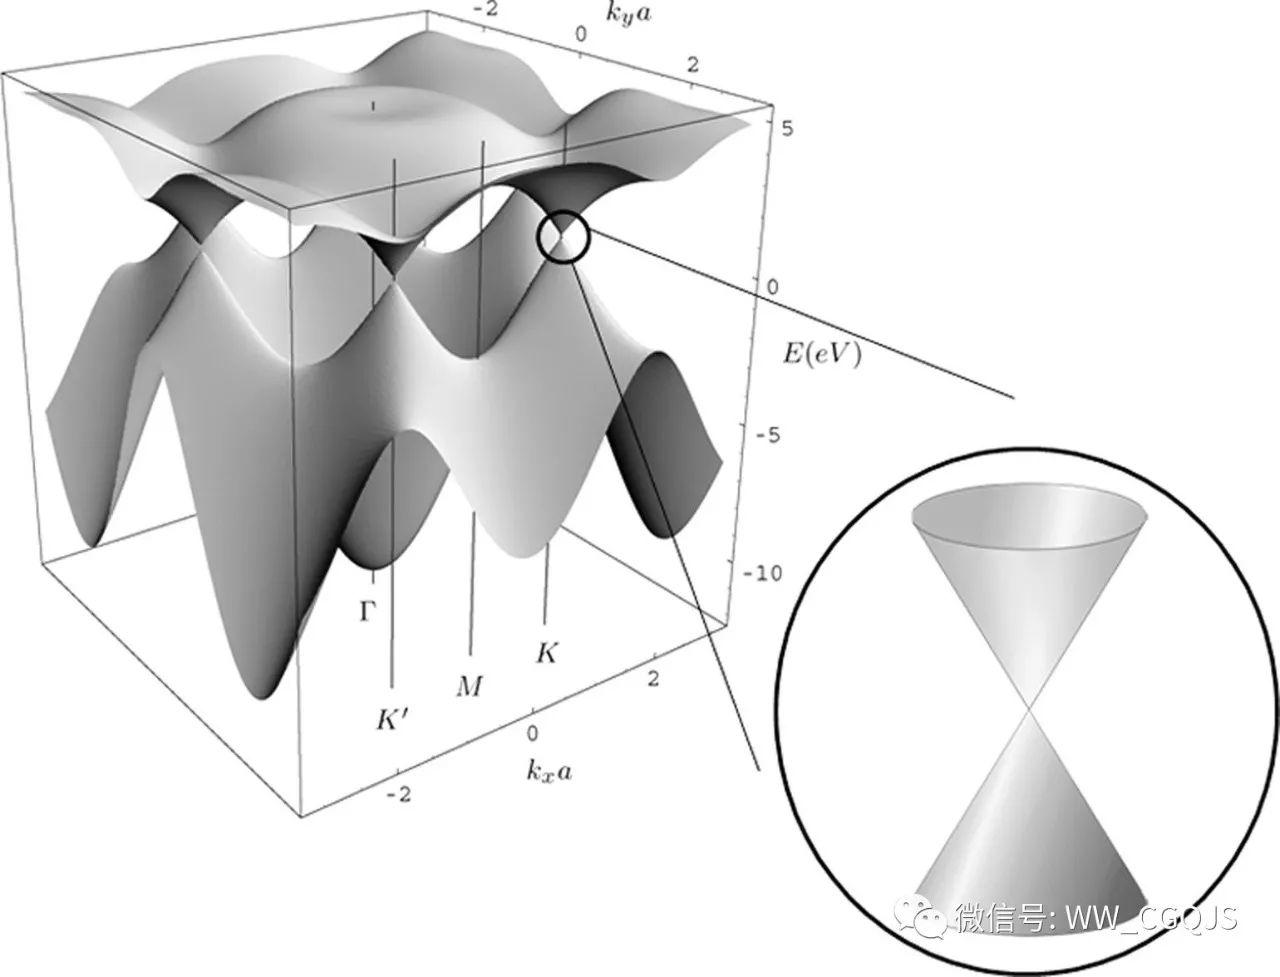 石墨烯的简介以及各类石墨烯传感器的详解